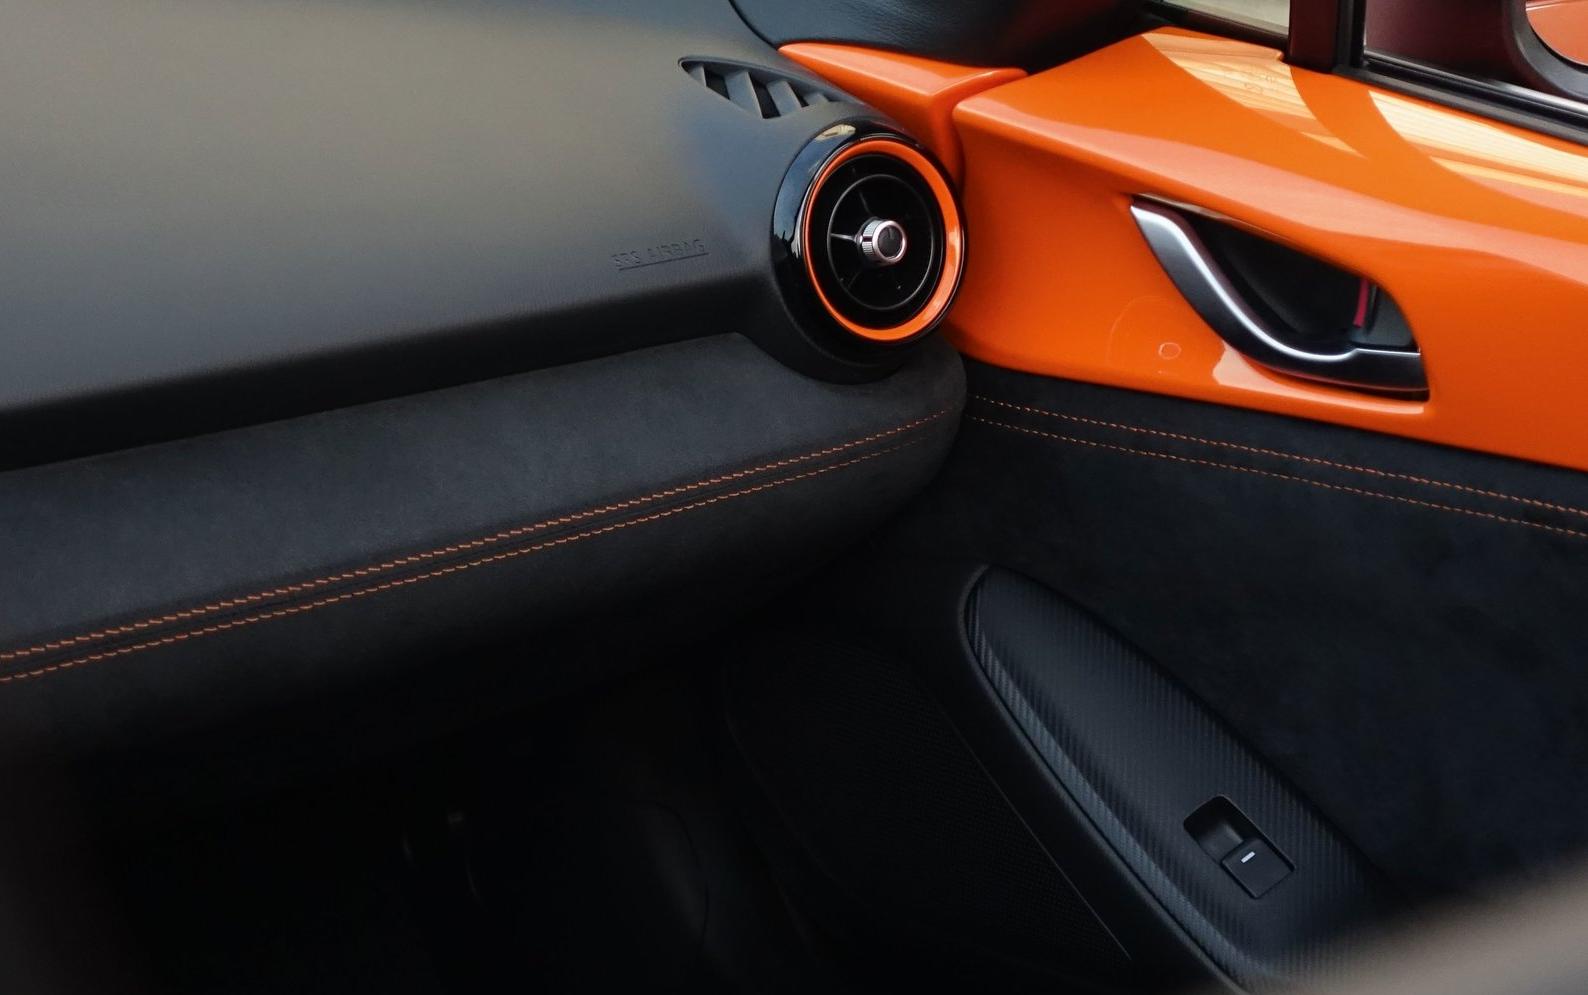 2019 Mazda MX-5 - Interior of model